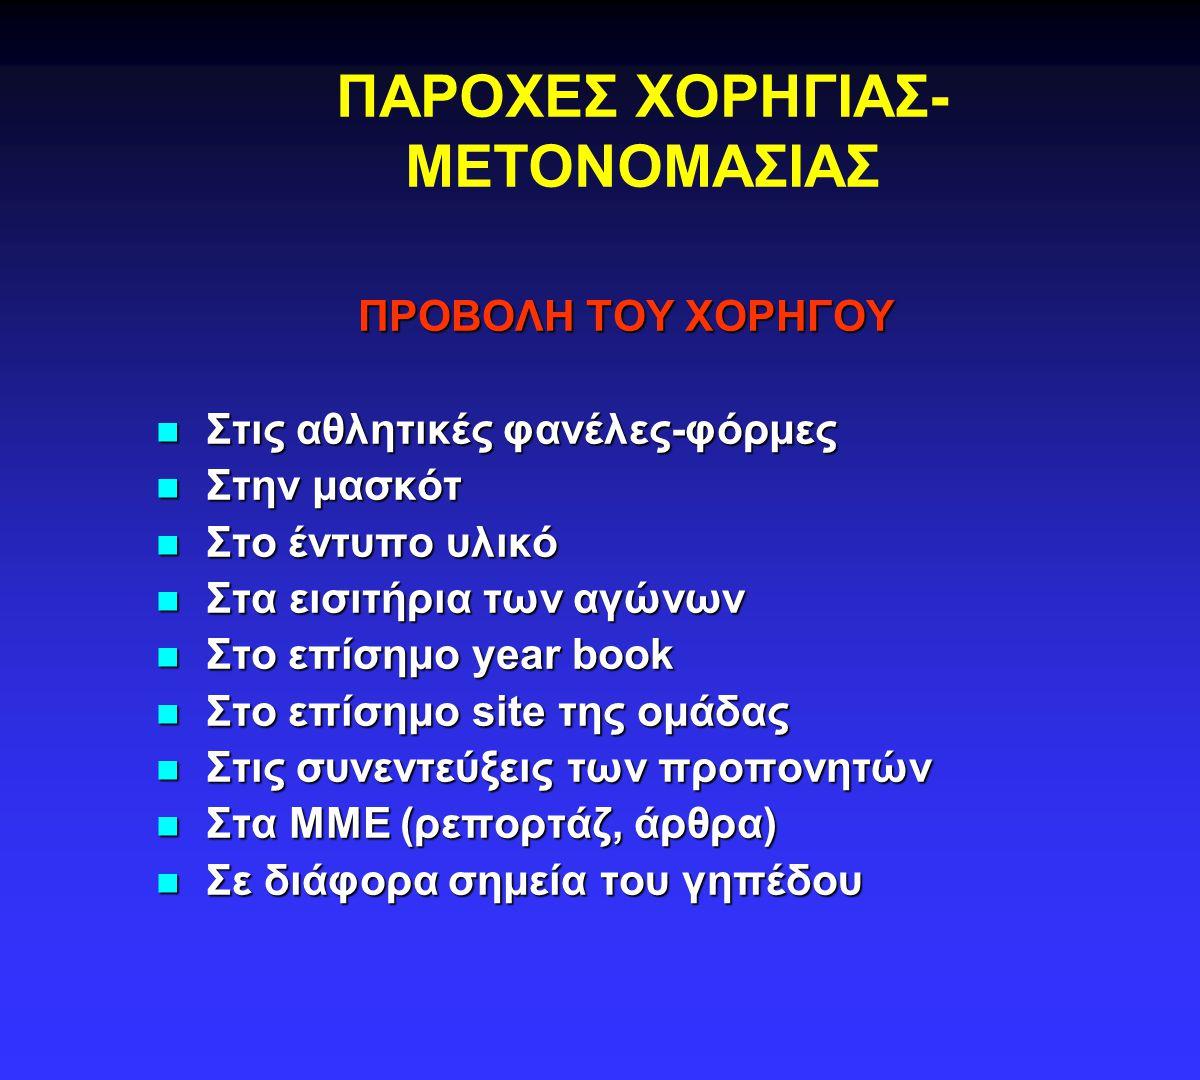 ΠΑΡΟΧΕΣ ΧΟΡΗΓΙΑΣ-ΜΕΤΟΝΟΜΑΣΙΑΣ